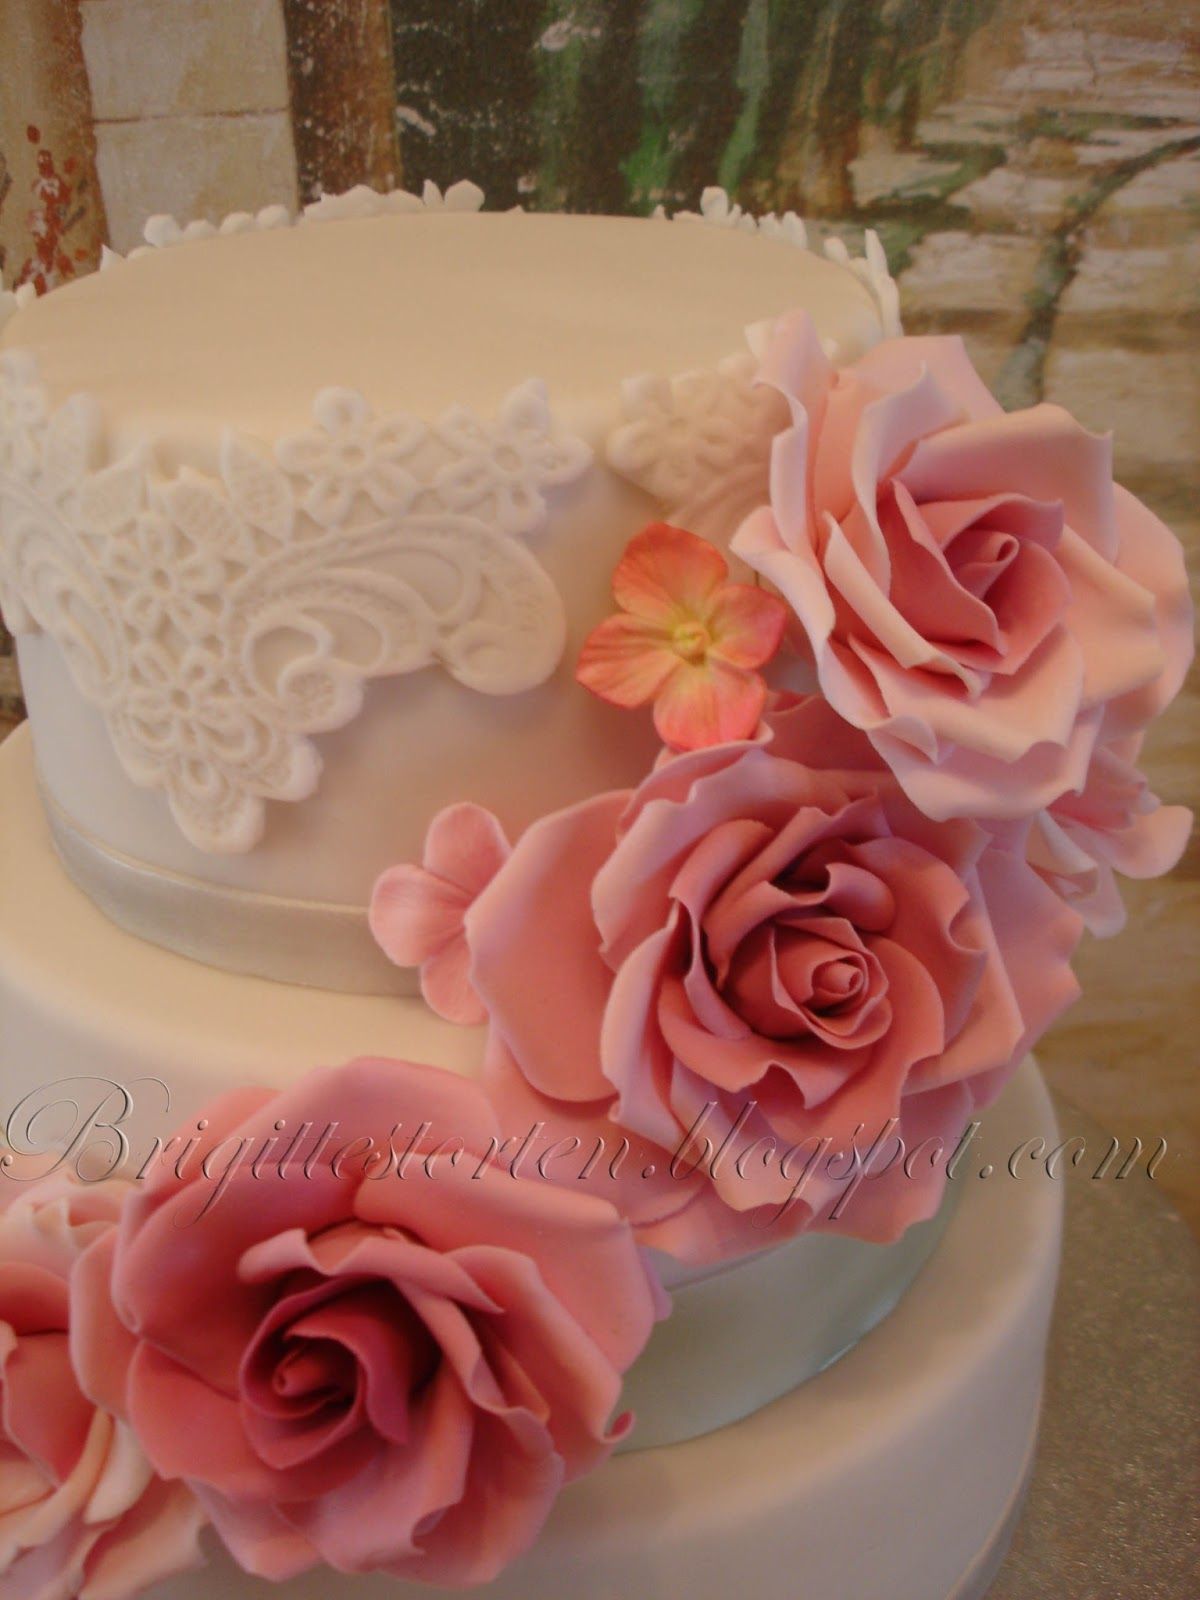 Romantische Hochzeitstorte mit altrosa Rosen, silber Schleife und ...